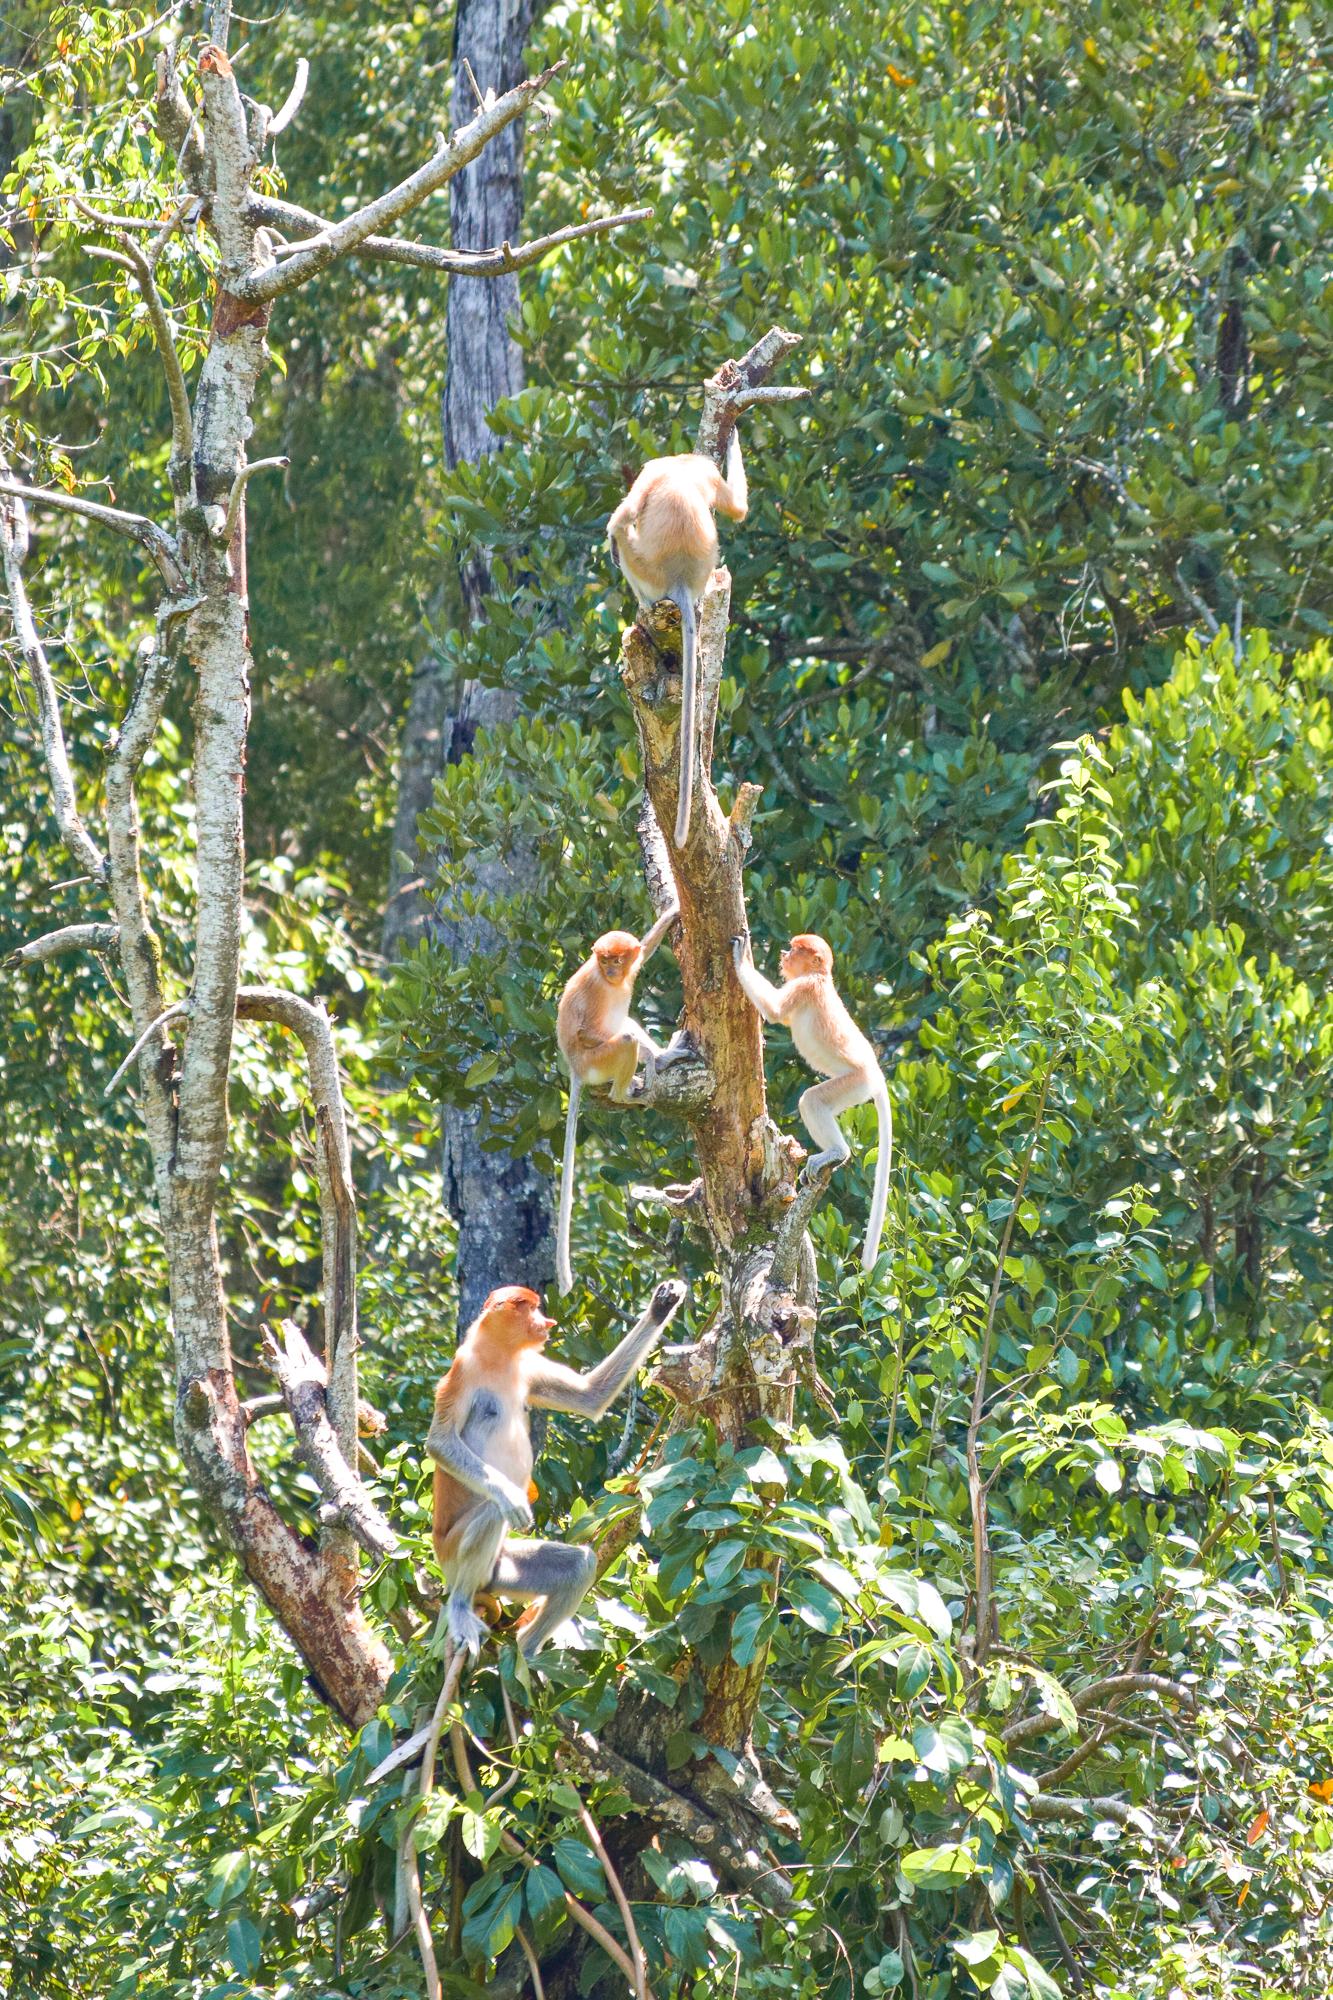 Många näsapor klättrar och hoppar i ett träd.